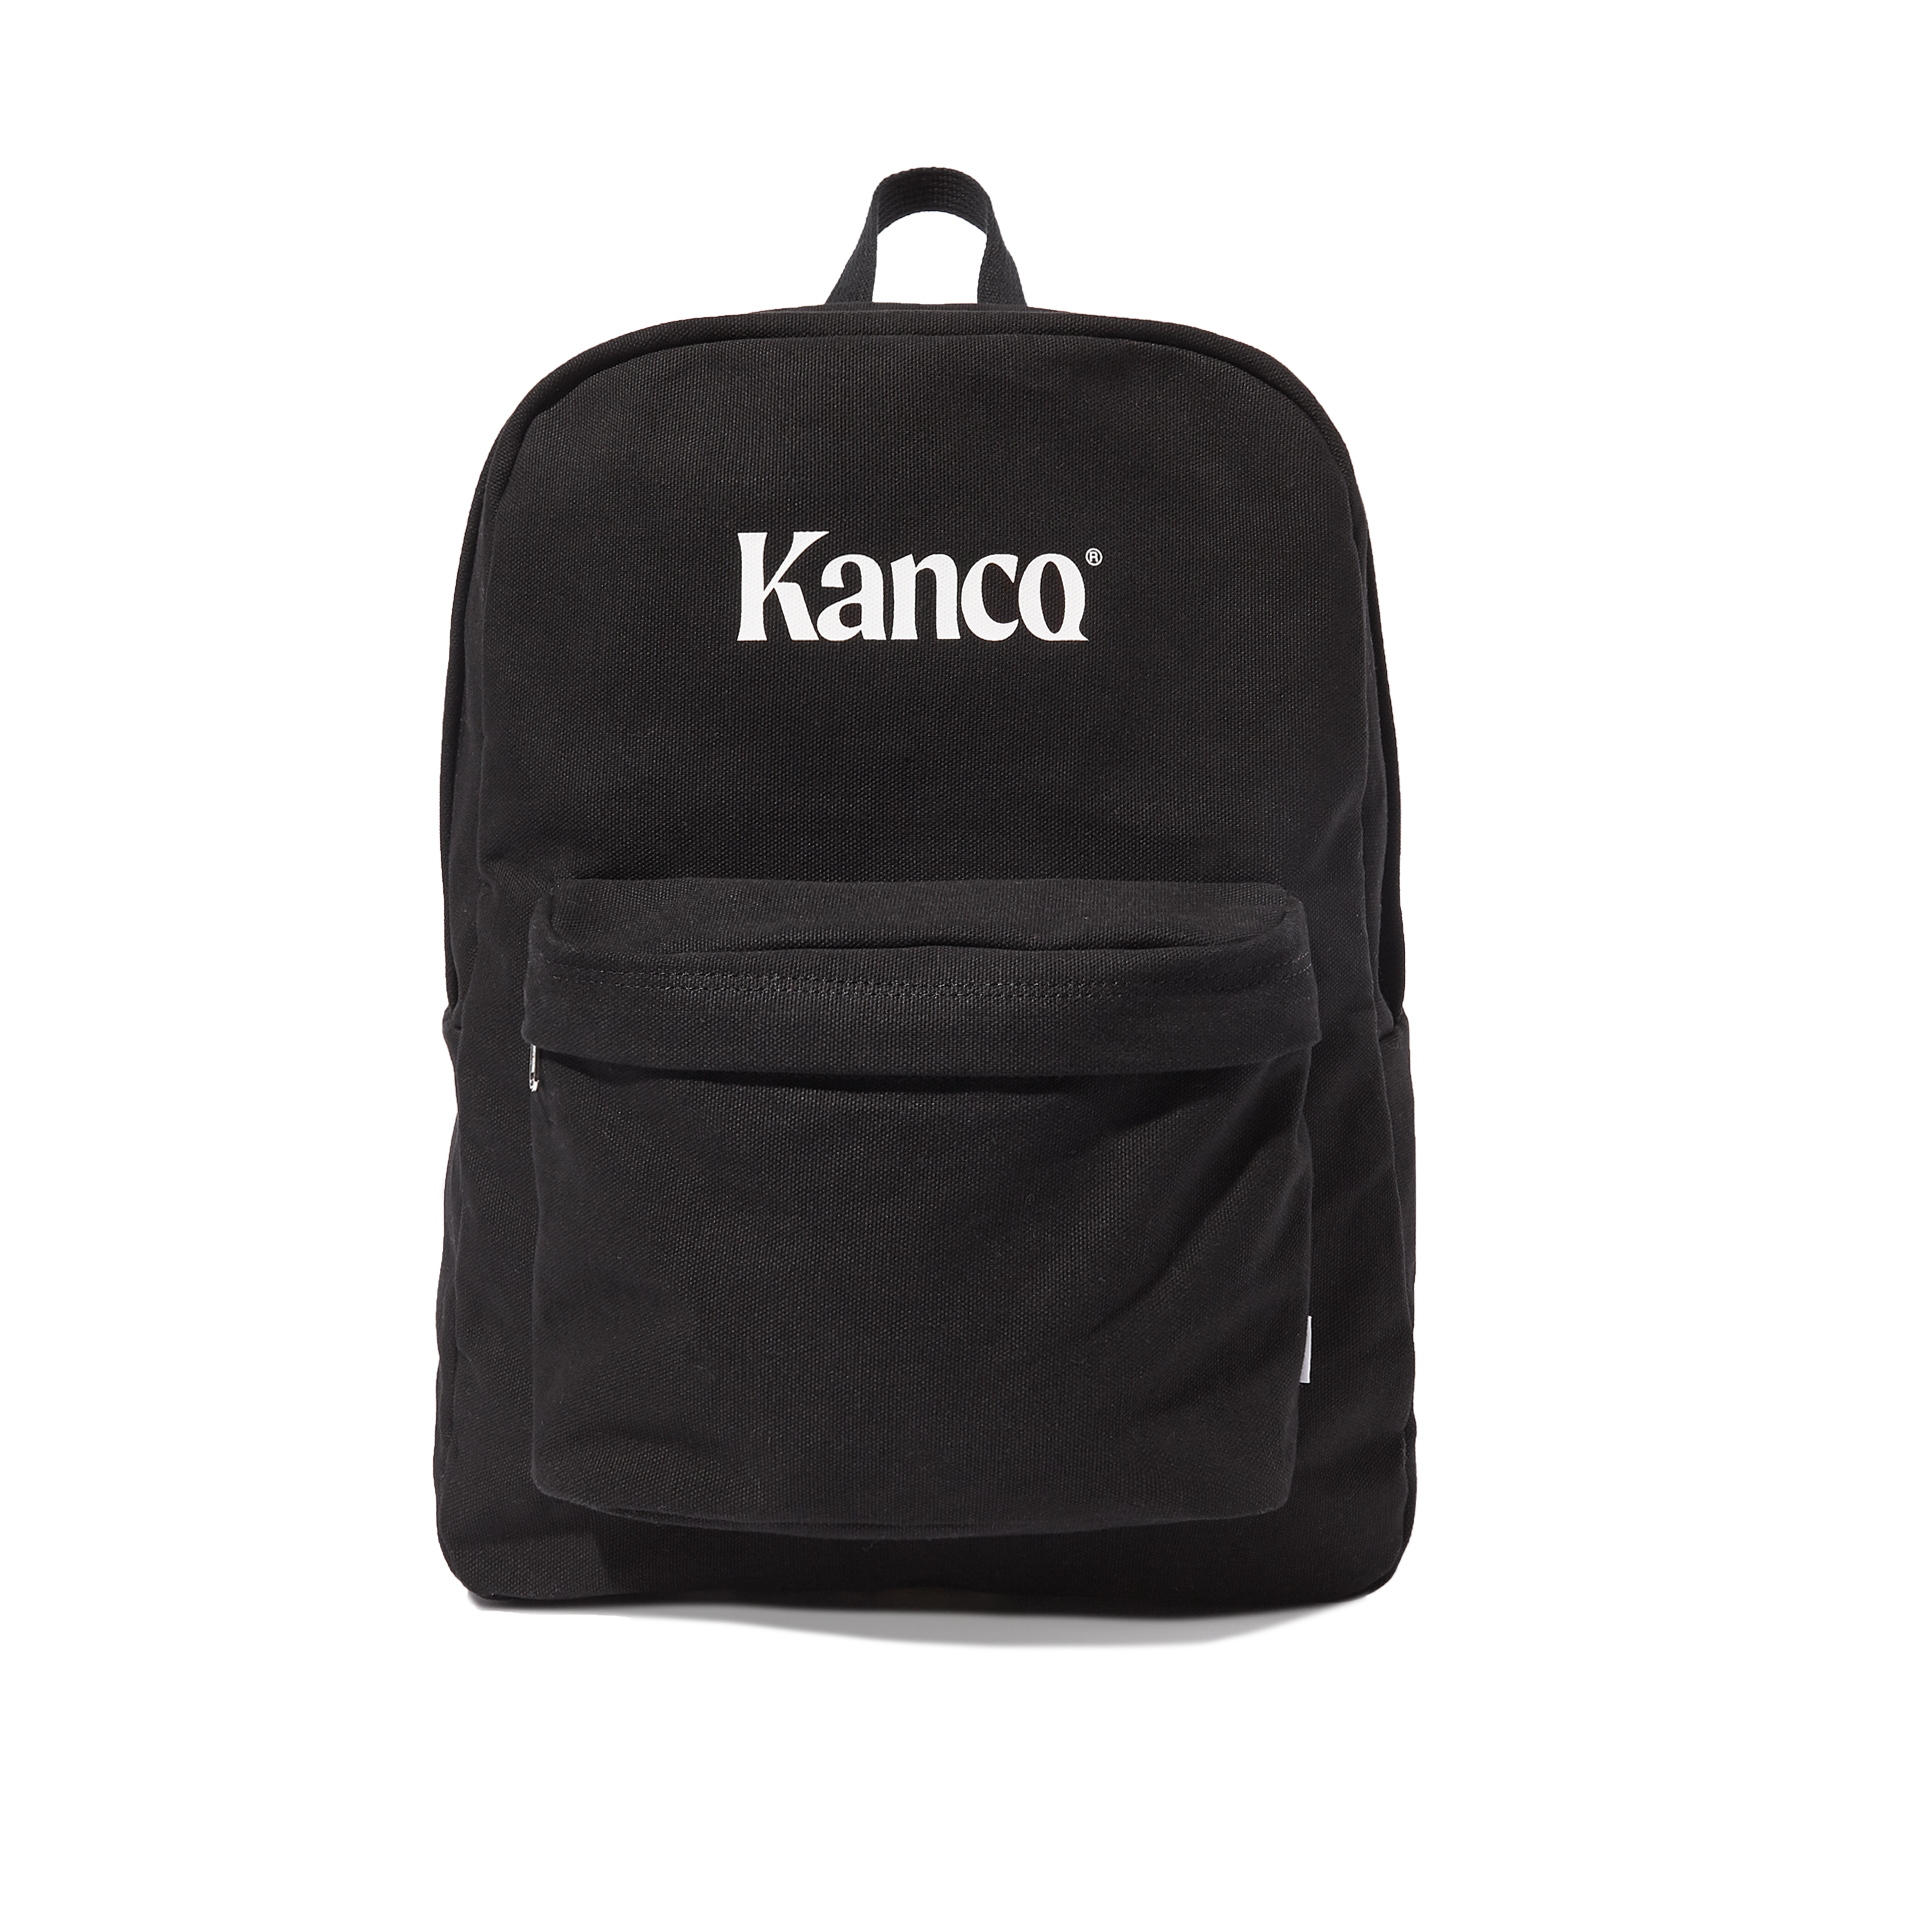 칸코(KANCO) KANCO CANVAS BACKPACK black